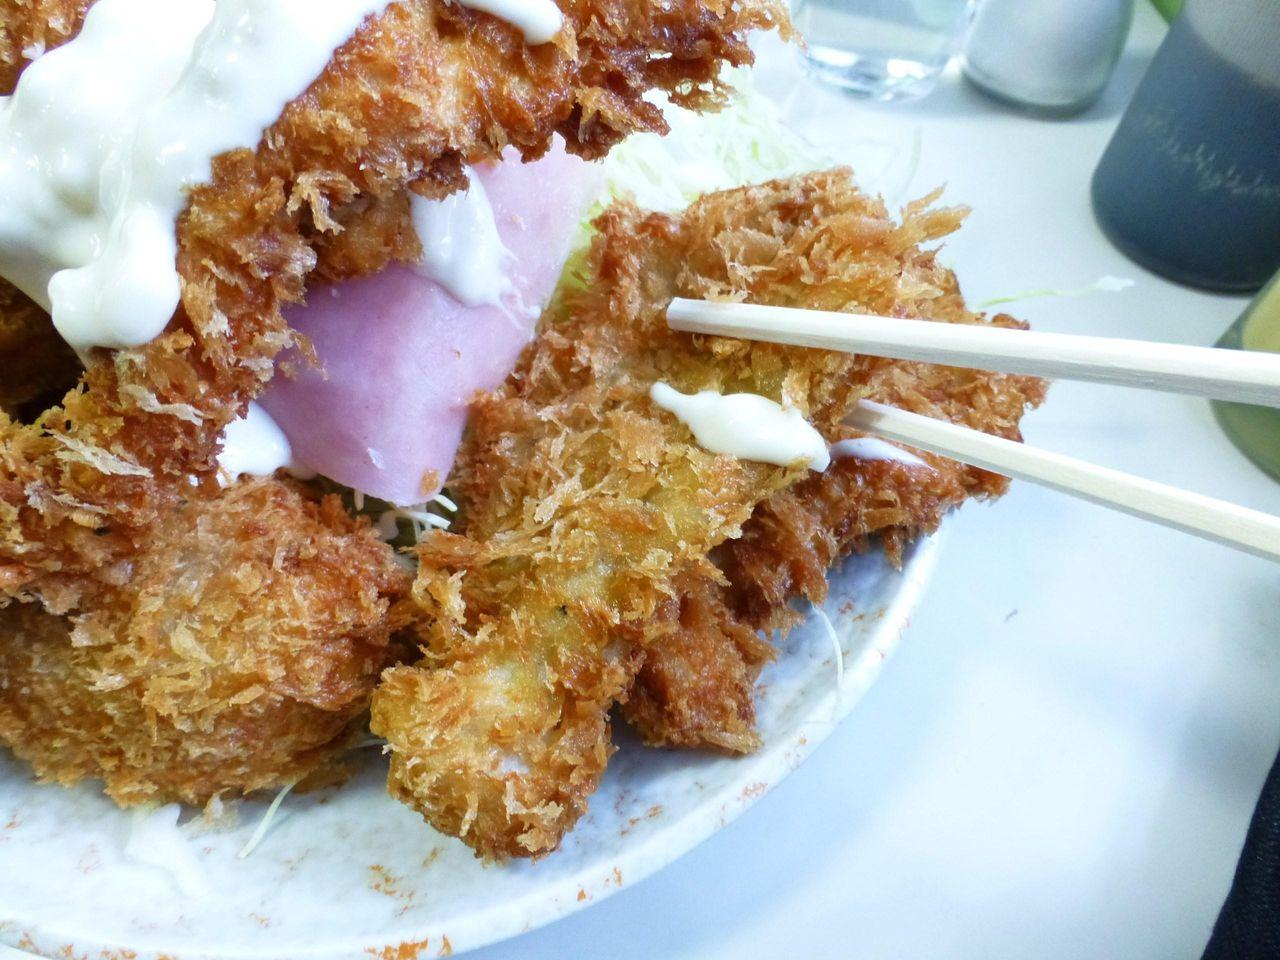 豚ヒレカツは、薄めの肉を使用して、やわらかい仕上がり!